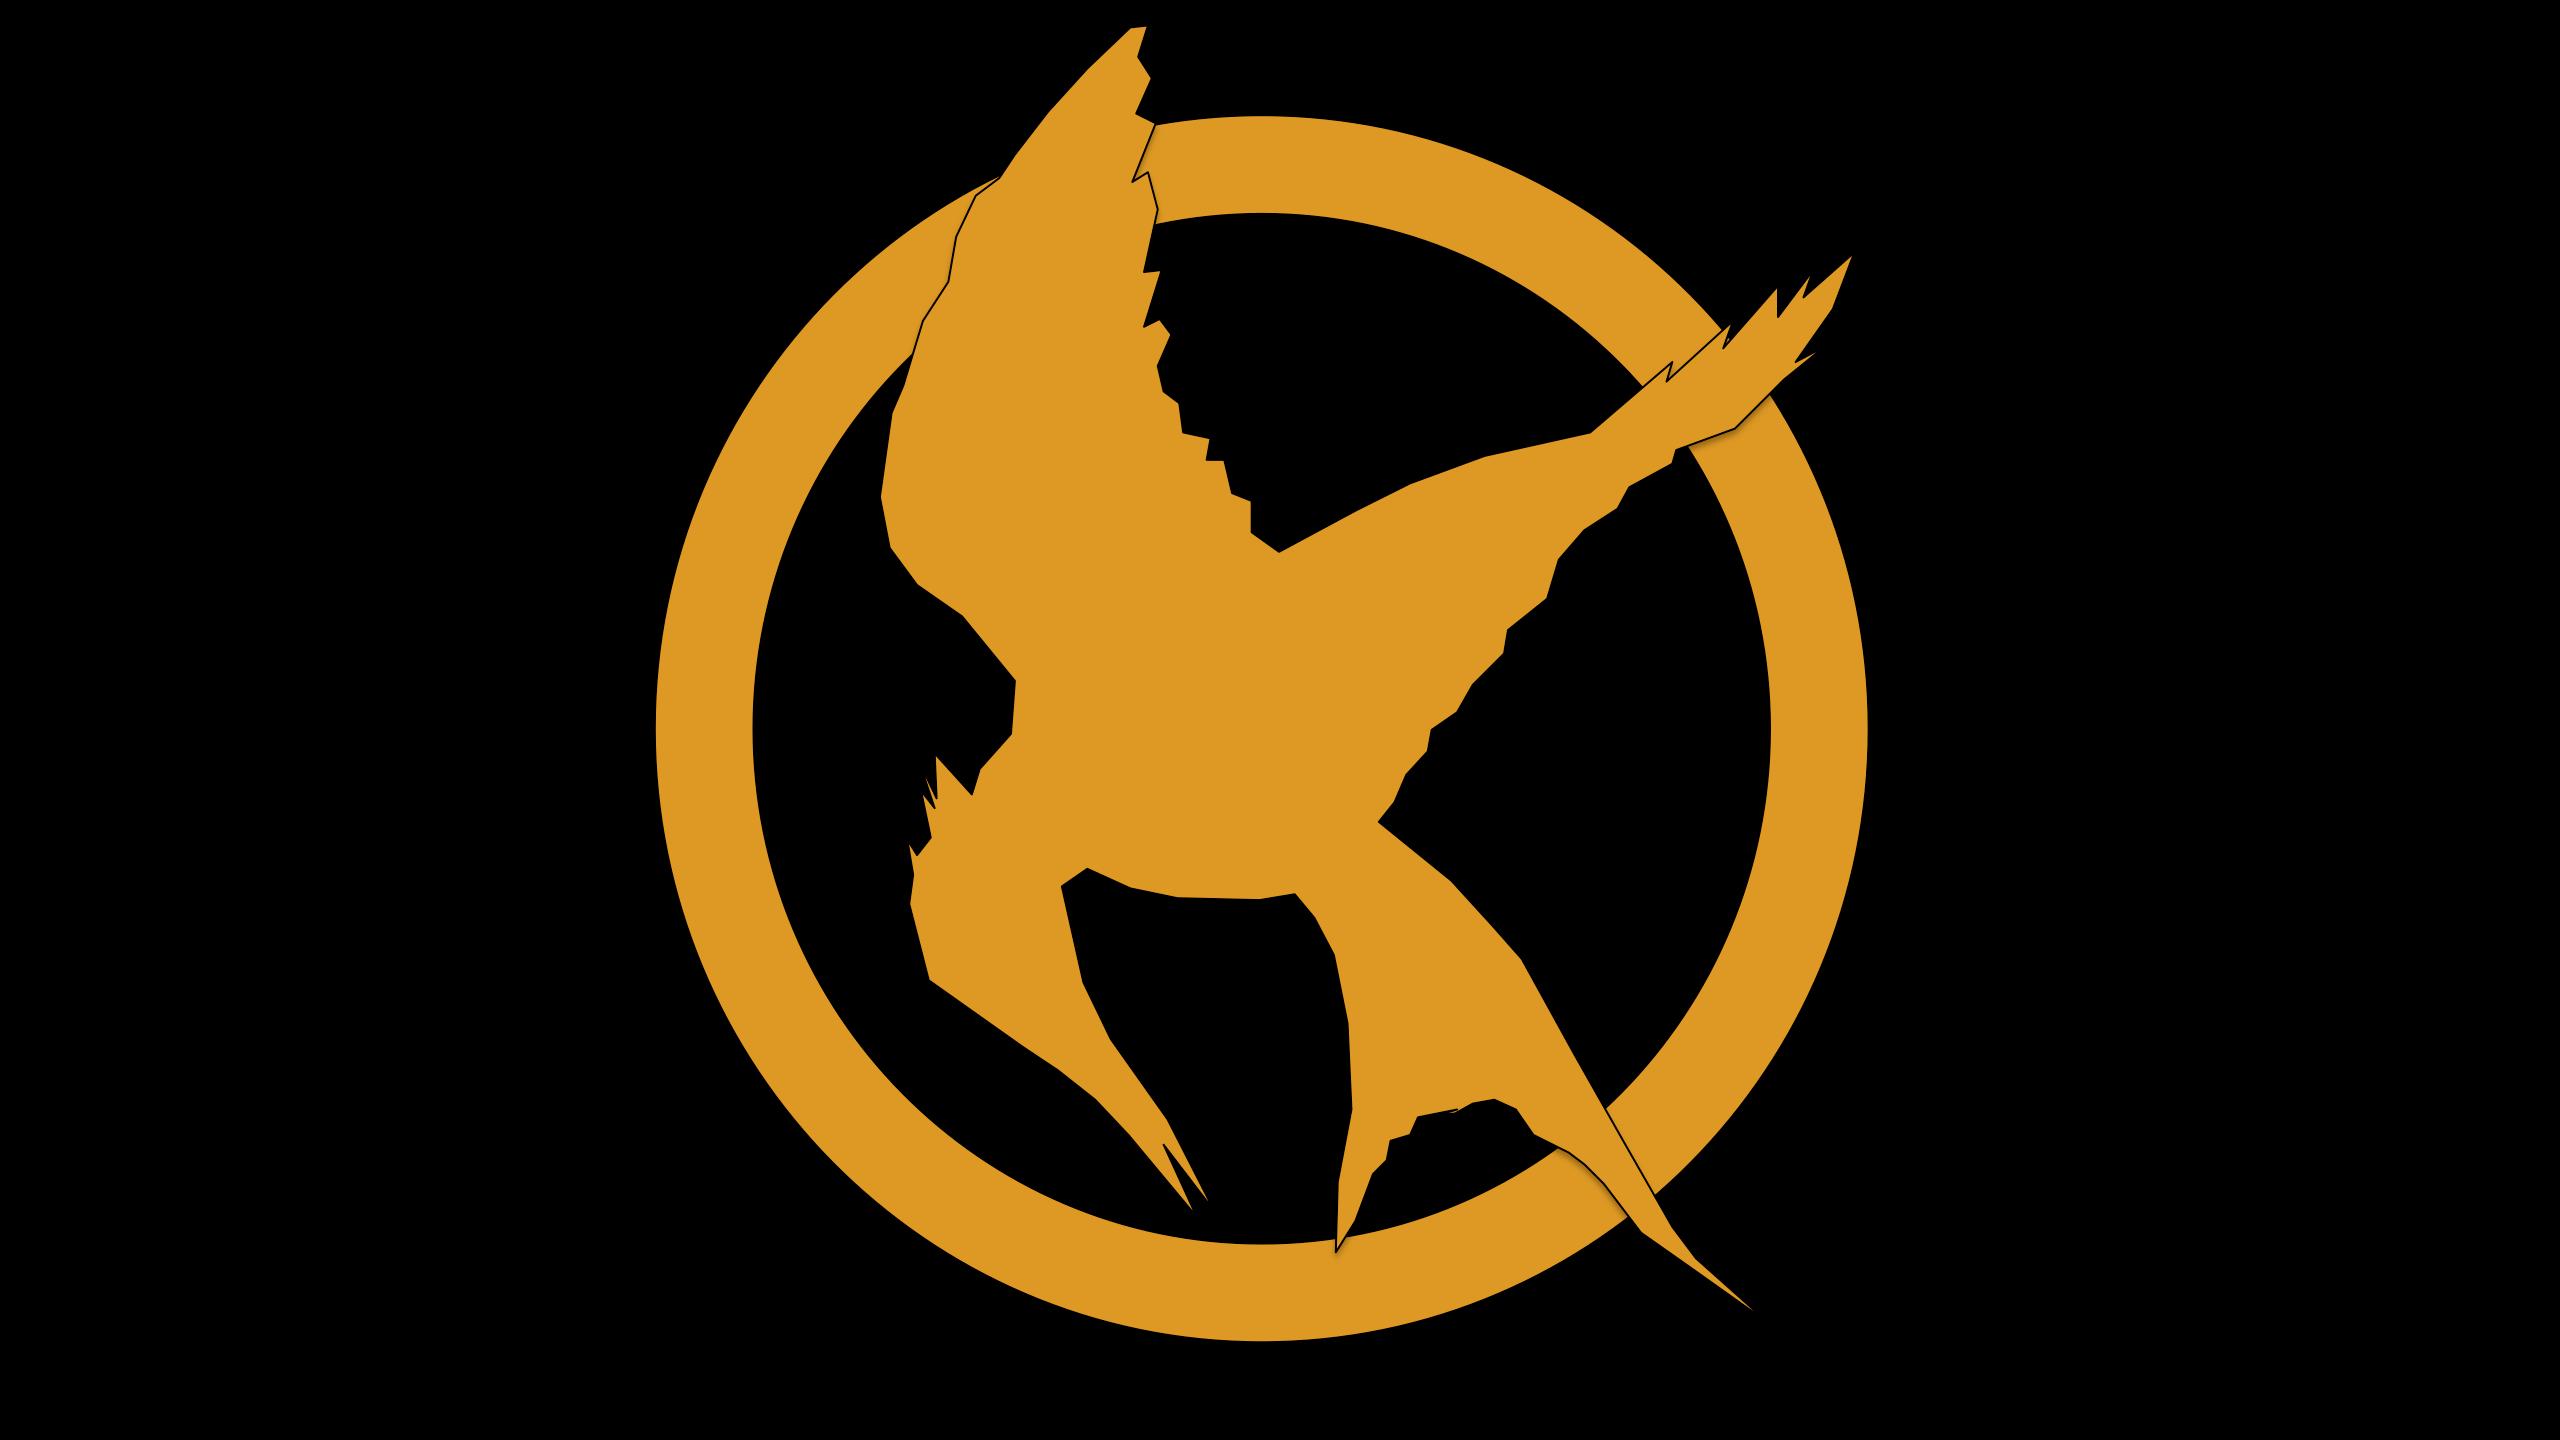 Image Hunger Games La Official Logo Big Png The Hunger Games Hunger Games Hunger Games Story Hunger Games Logo